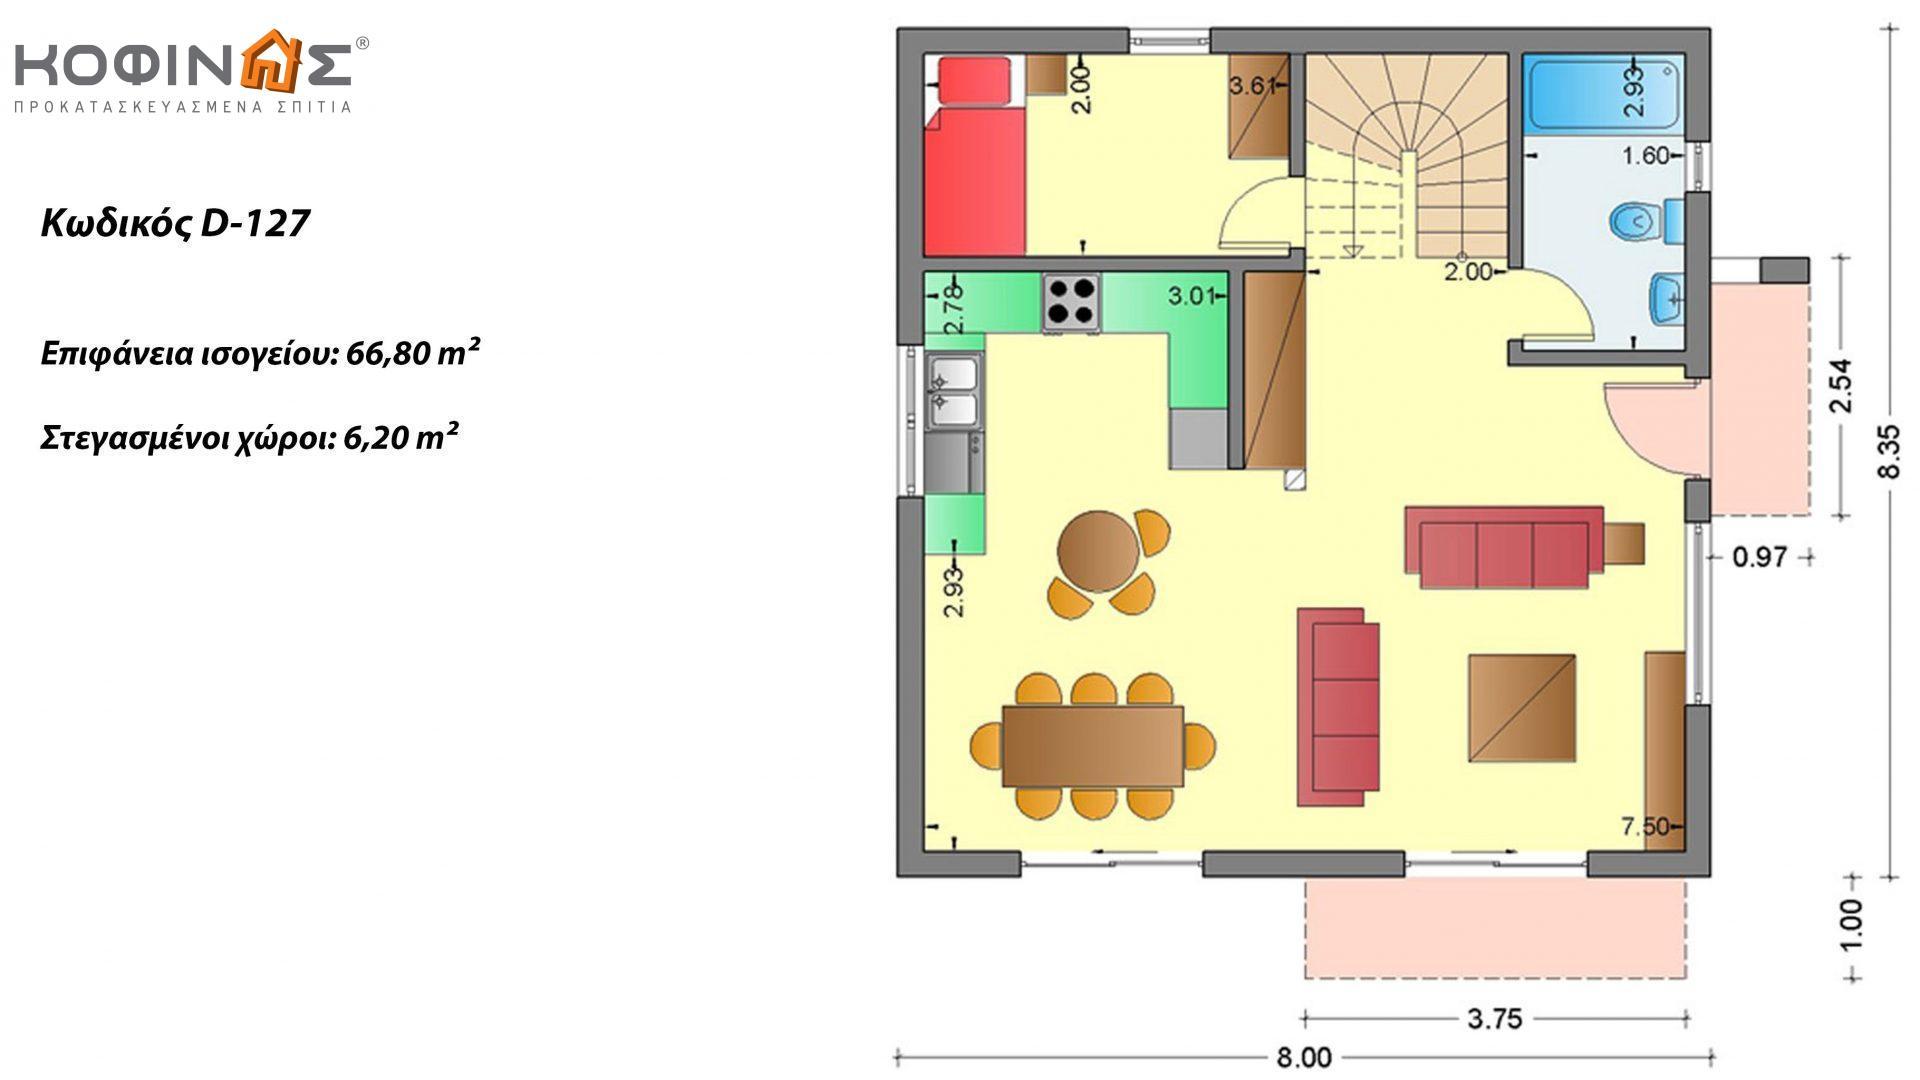 Διώροφη Κατοικία D-127, συνολικής επιφάνειας 127,00 τ.μ. , συνολική επιφάνεια στεγασμένων χώρων 12.86 τ.μ., μπαλκόνια 6.75 τ.μ.